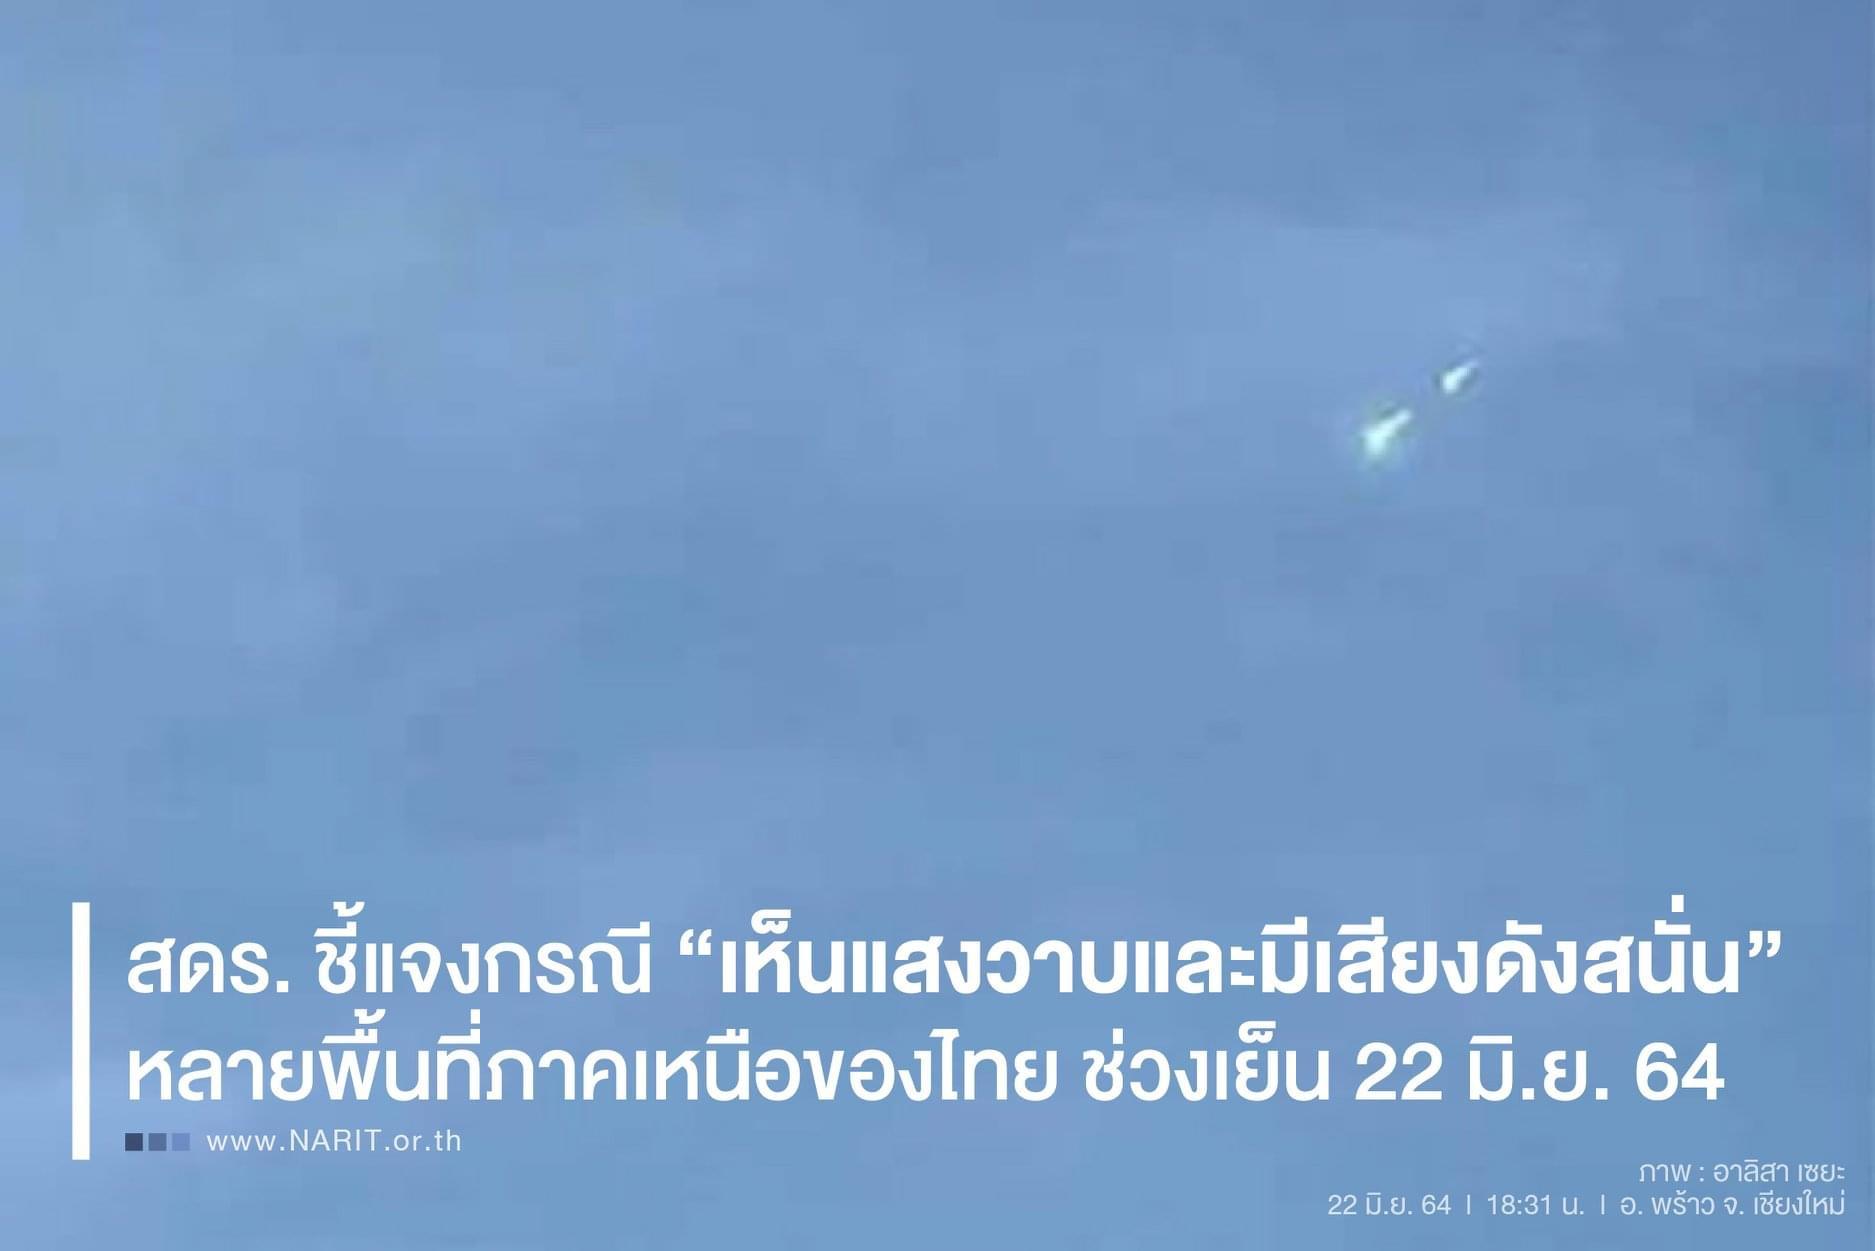 """สดร. ชี้แจง """"แสงวาบและมีเสียงดังสนั่น"""" พื้นที่ภาคเหนือของไทย"""